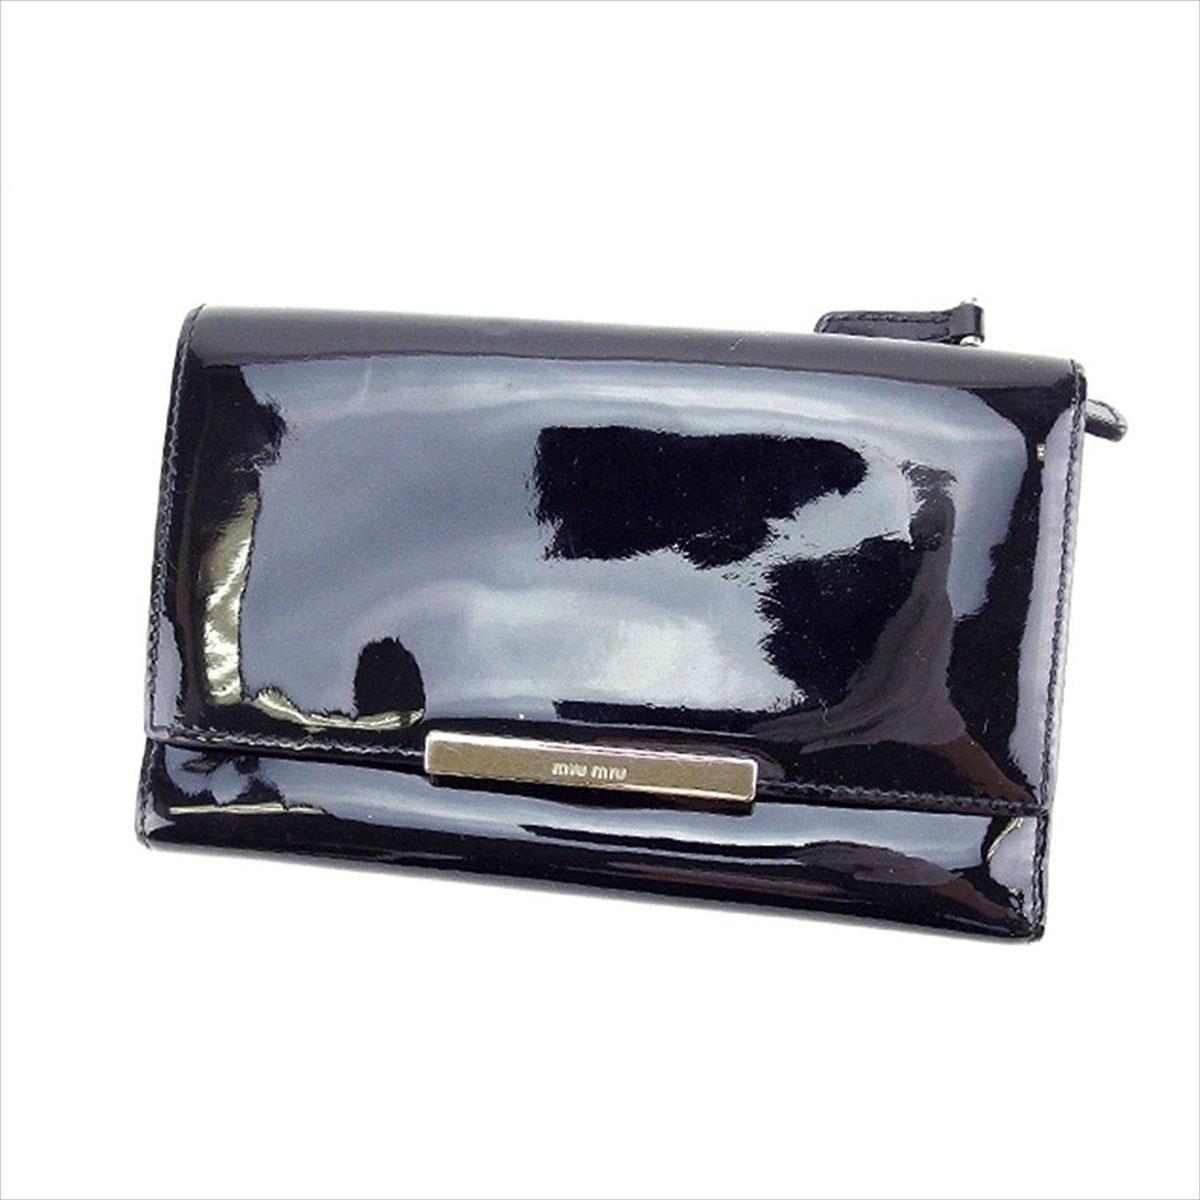 【中古】 ミュウミュウ miumiu 三つ折り財布 ファスナー メンズ可 ロゴプレート ブラック×シルバー エナメルレザー (あす楽対応)良品 Y3250 .